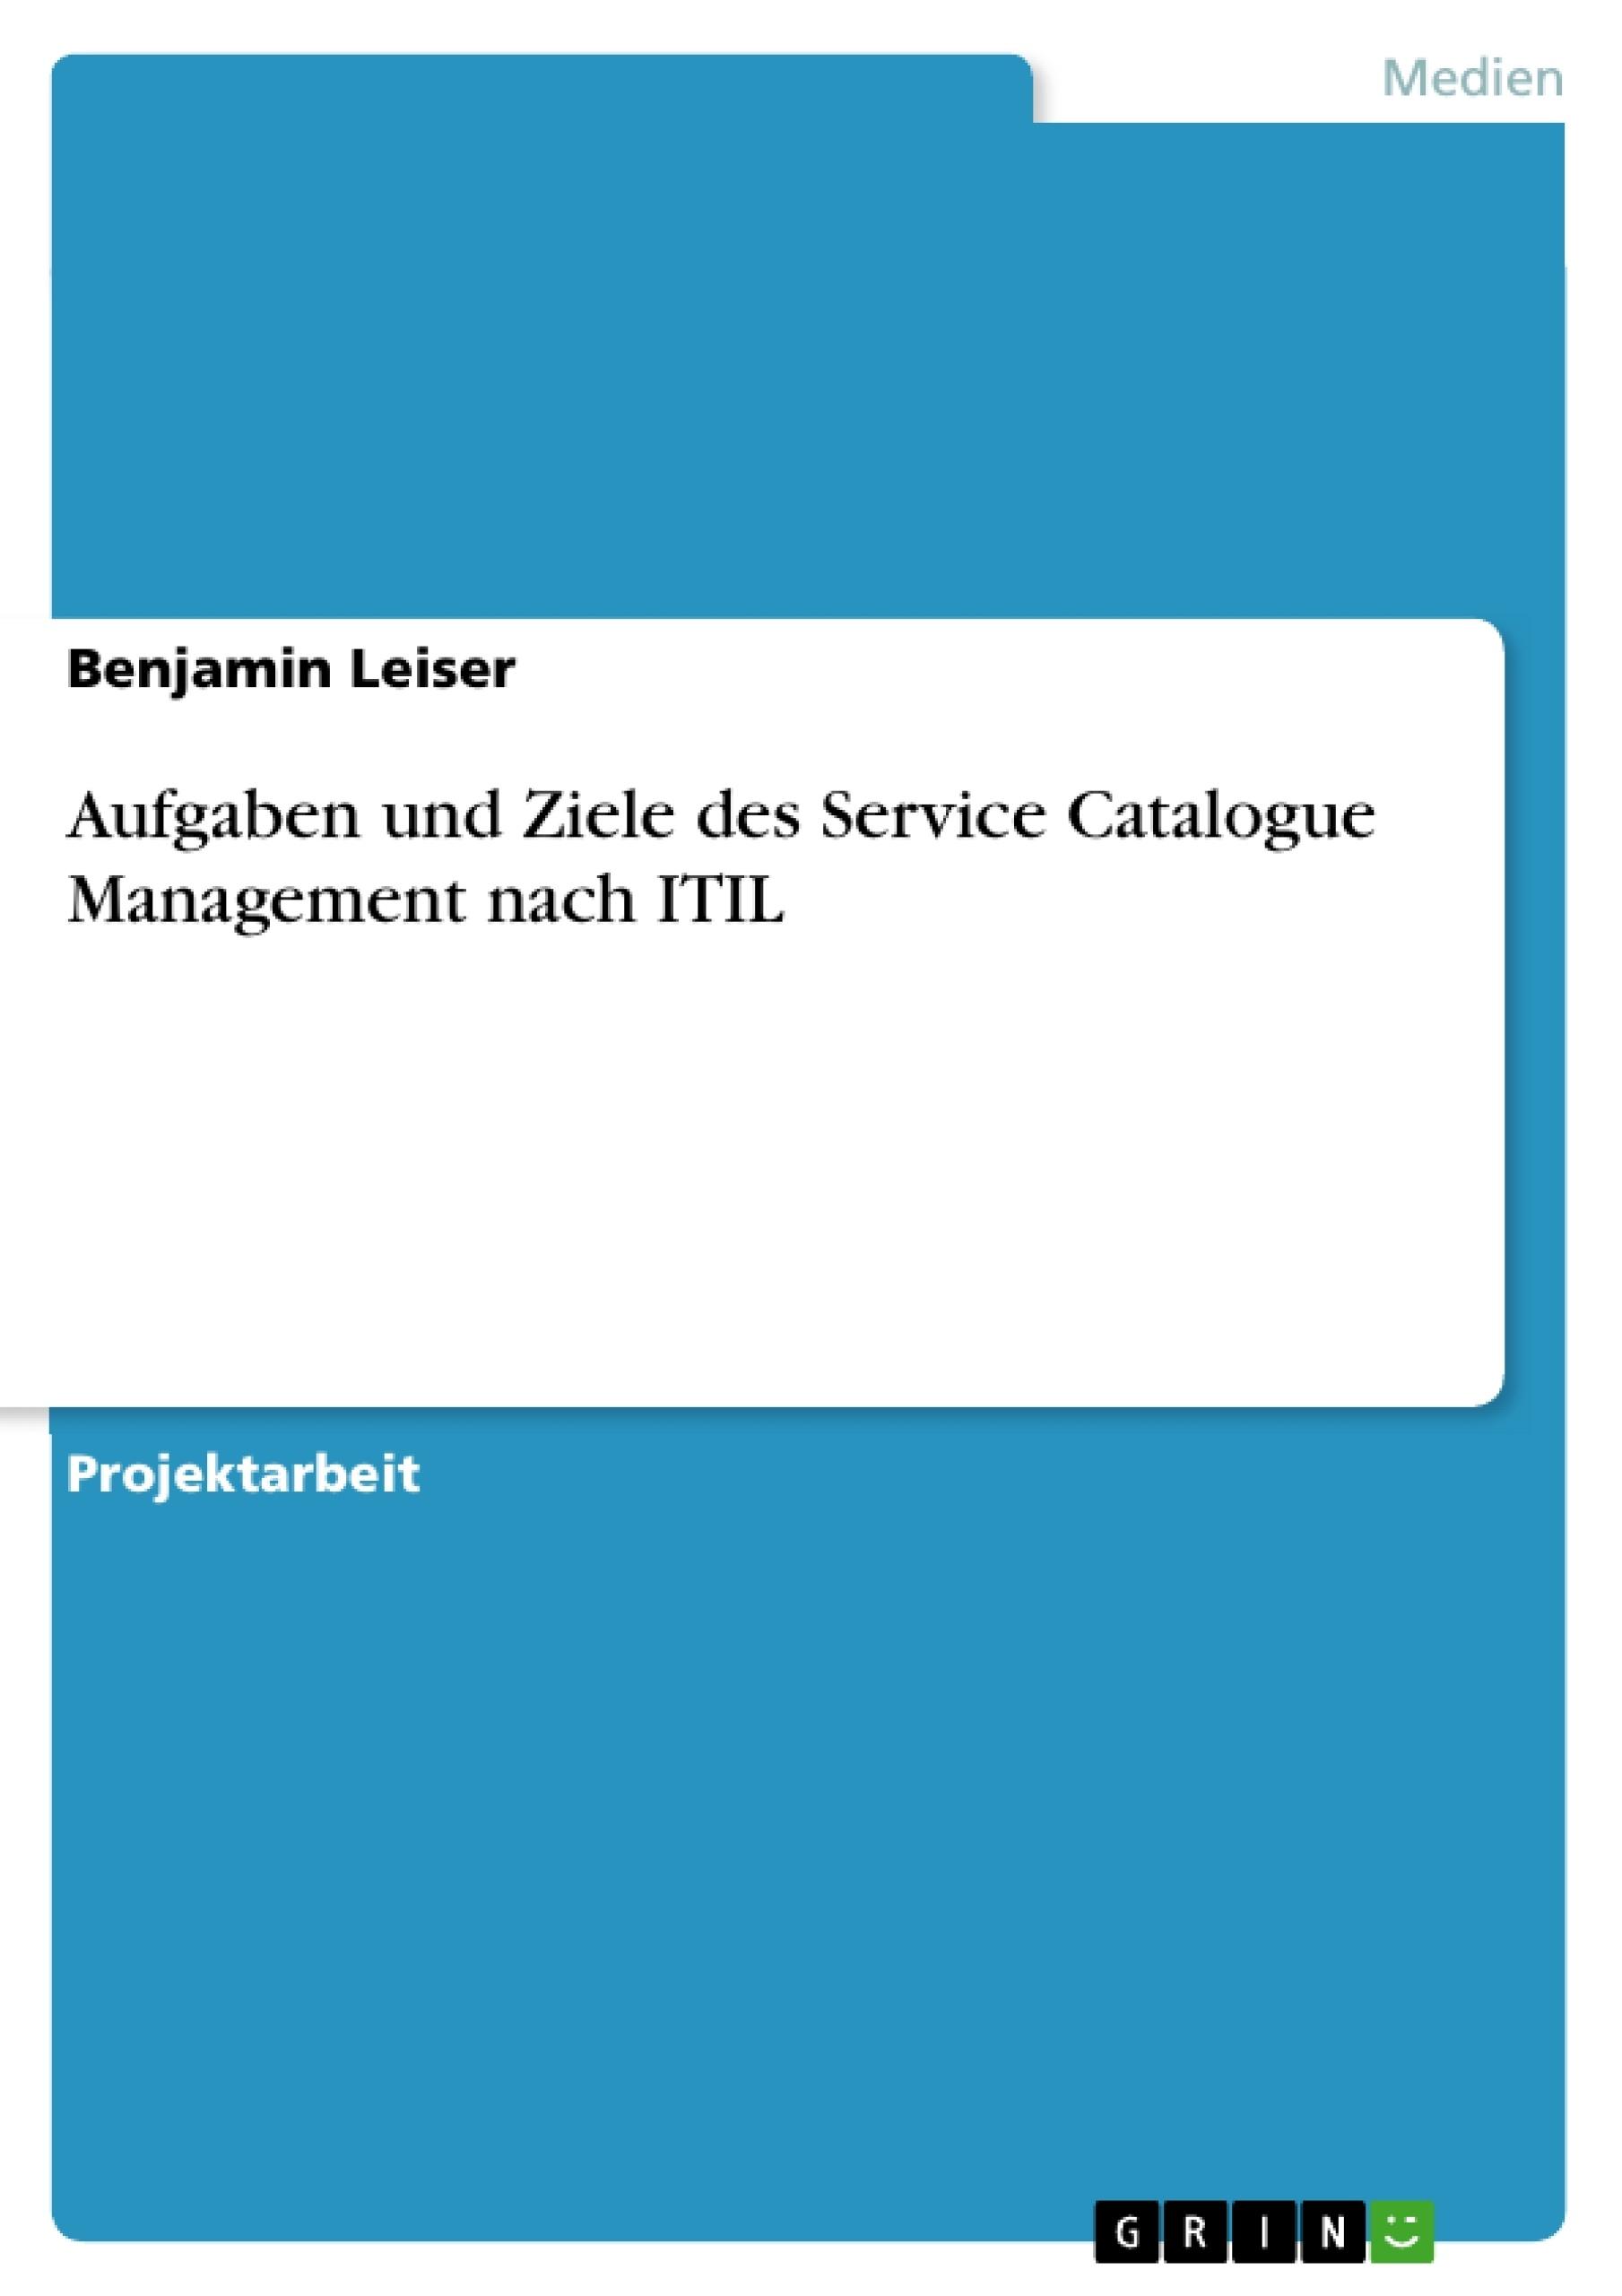 Titel: Aufgaben und Ziele des Service Catalogue Management nach ITIL